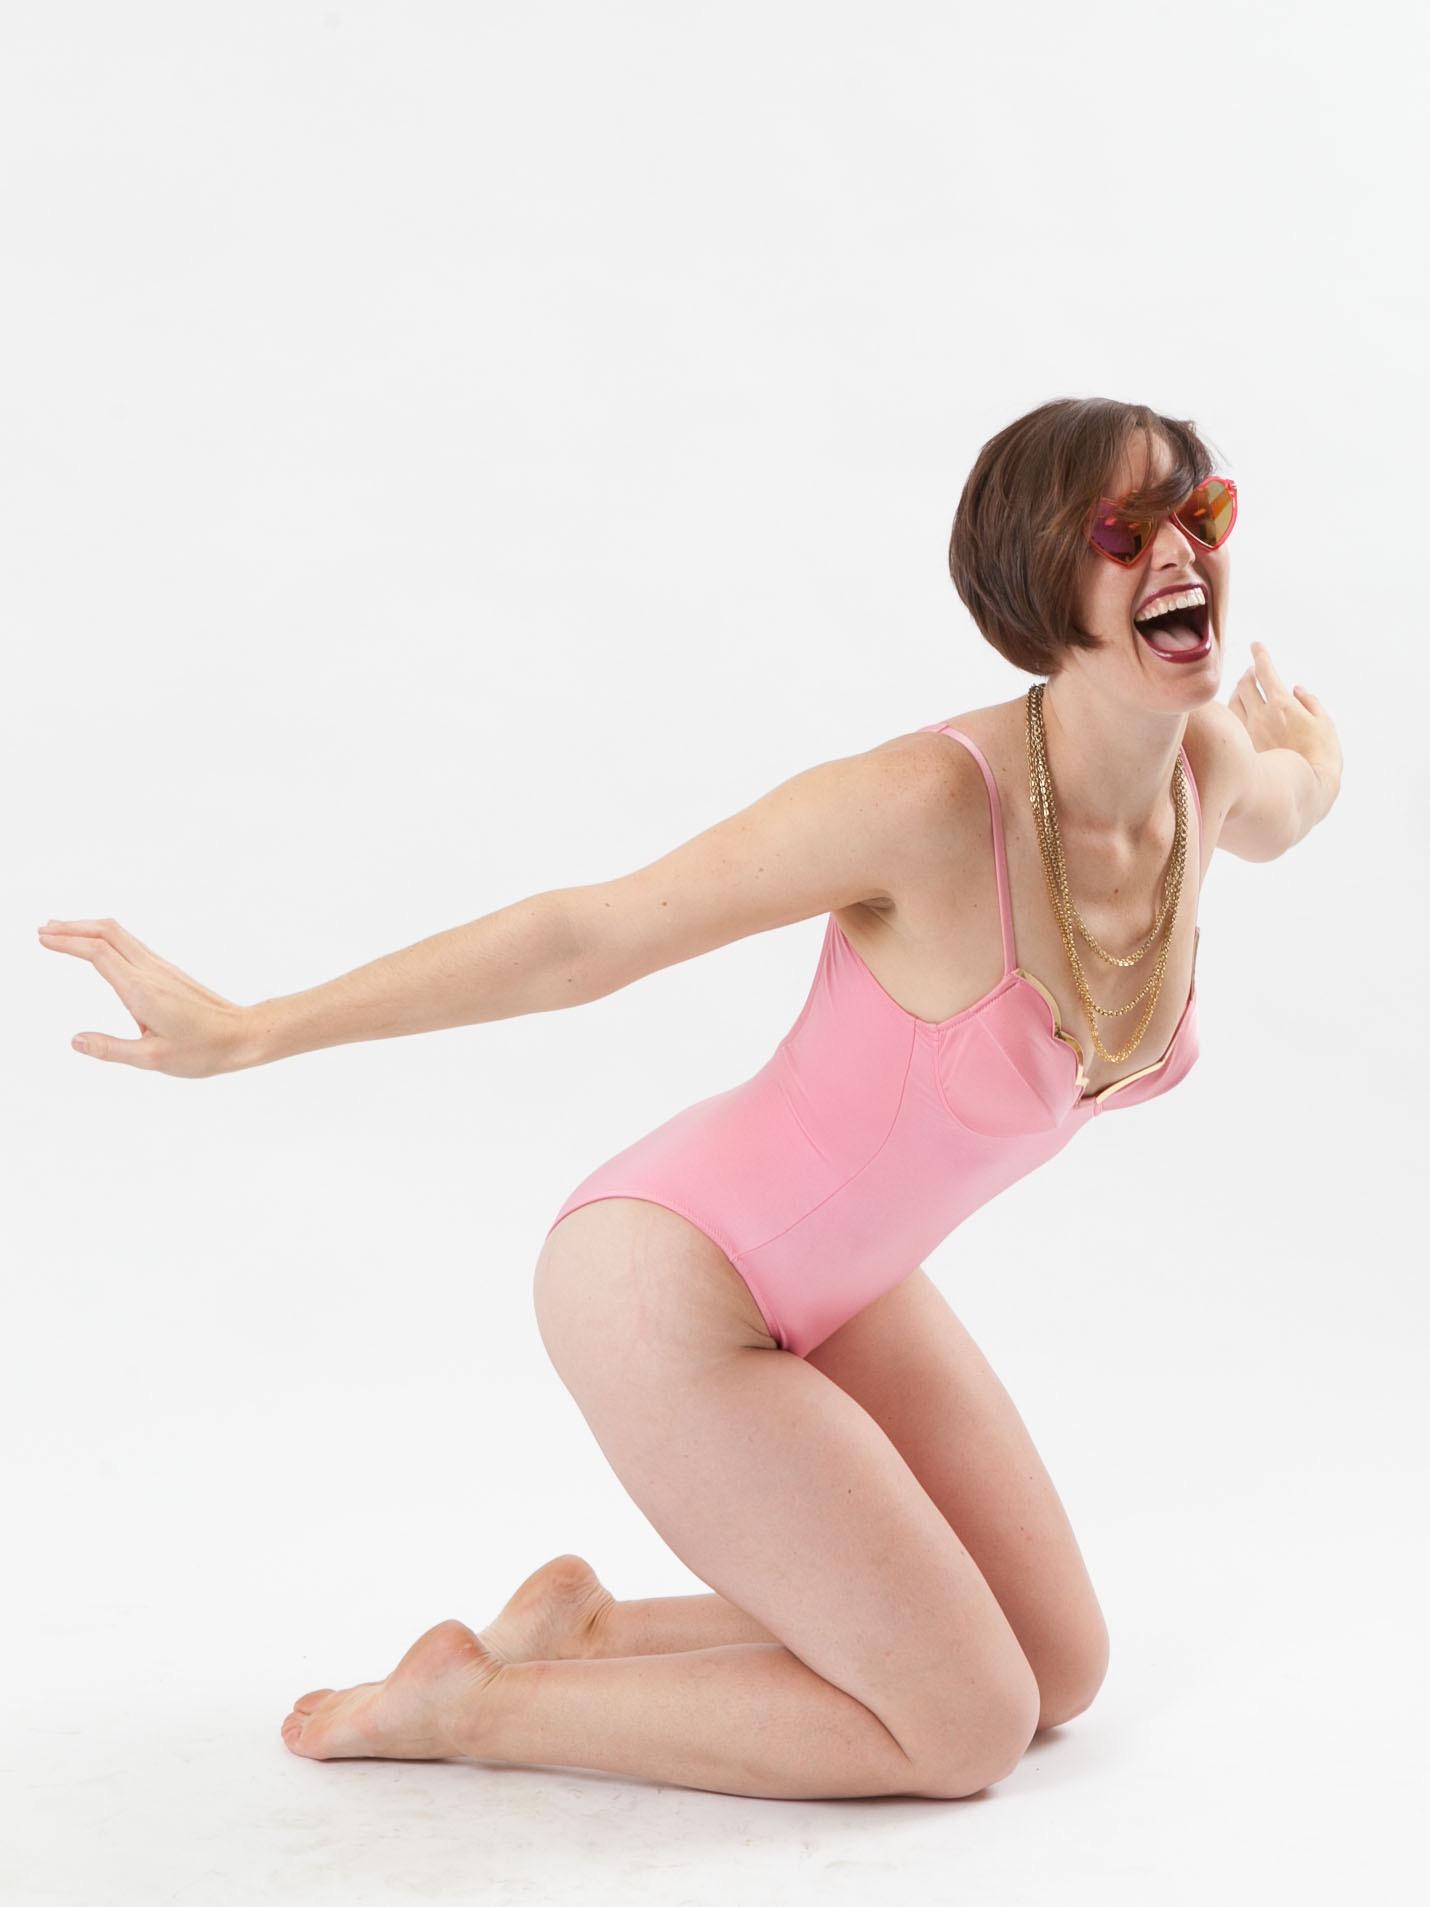 bathing suit_devora__MG_8238.jpg